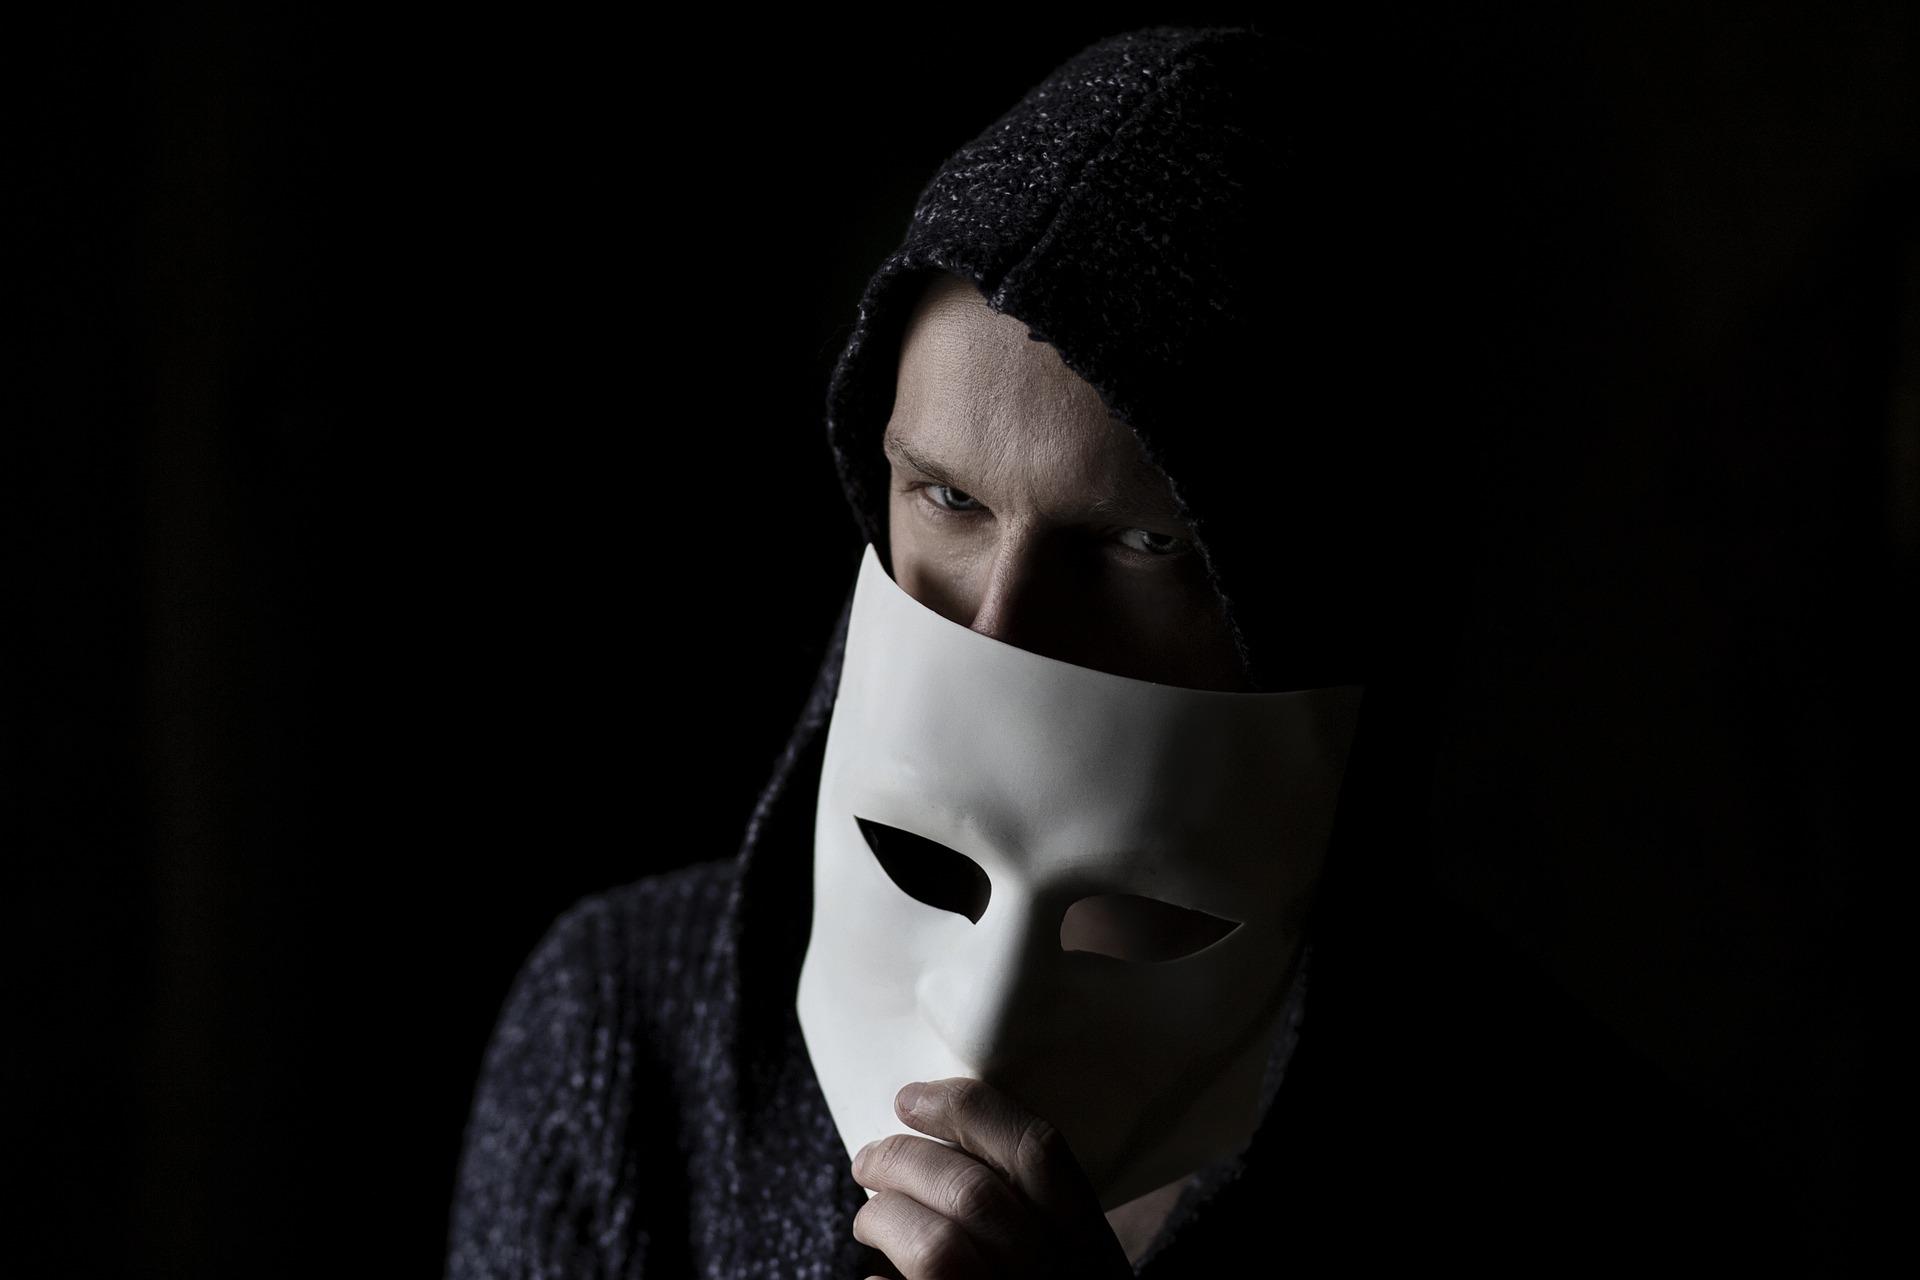 Мошенничество в сети: полиция рассказала о новых схемах